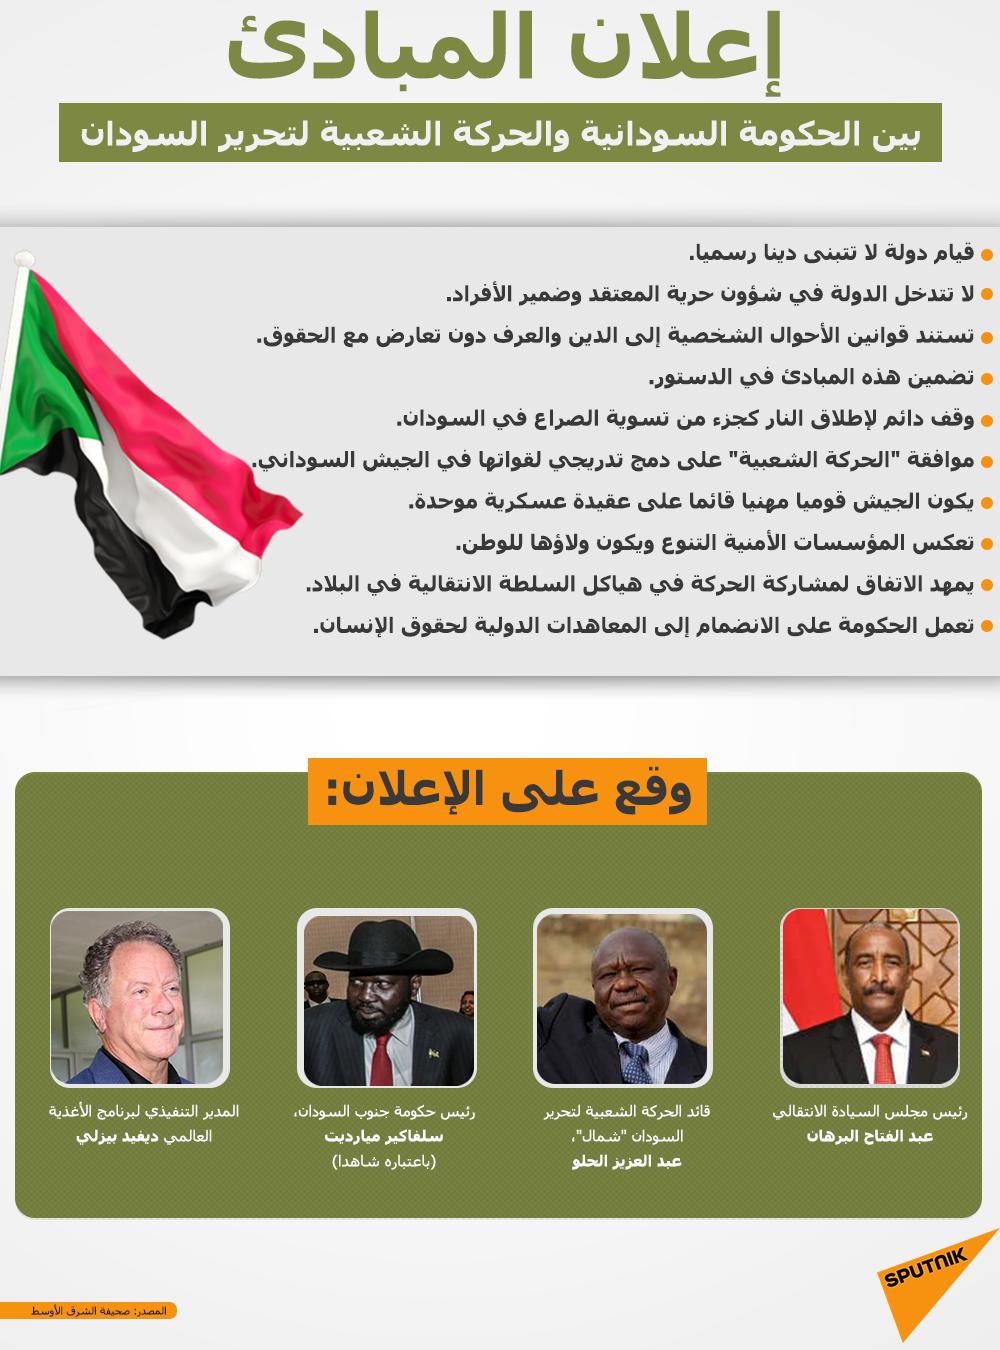 أبرز بنود إعلان المبادئ بين الحكومة السودانية والحركة الشعبية لتحرير السودان